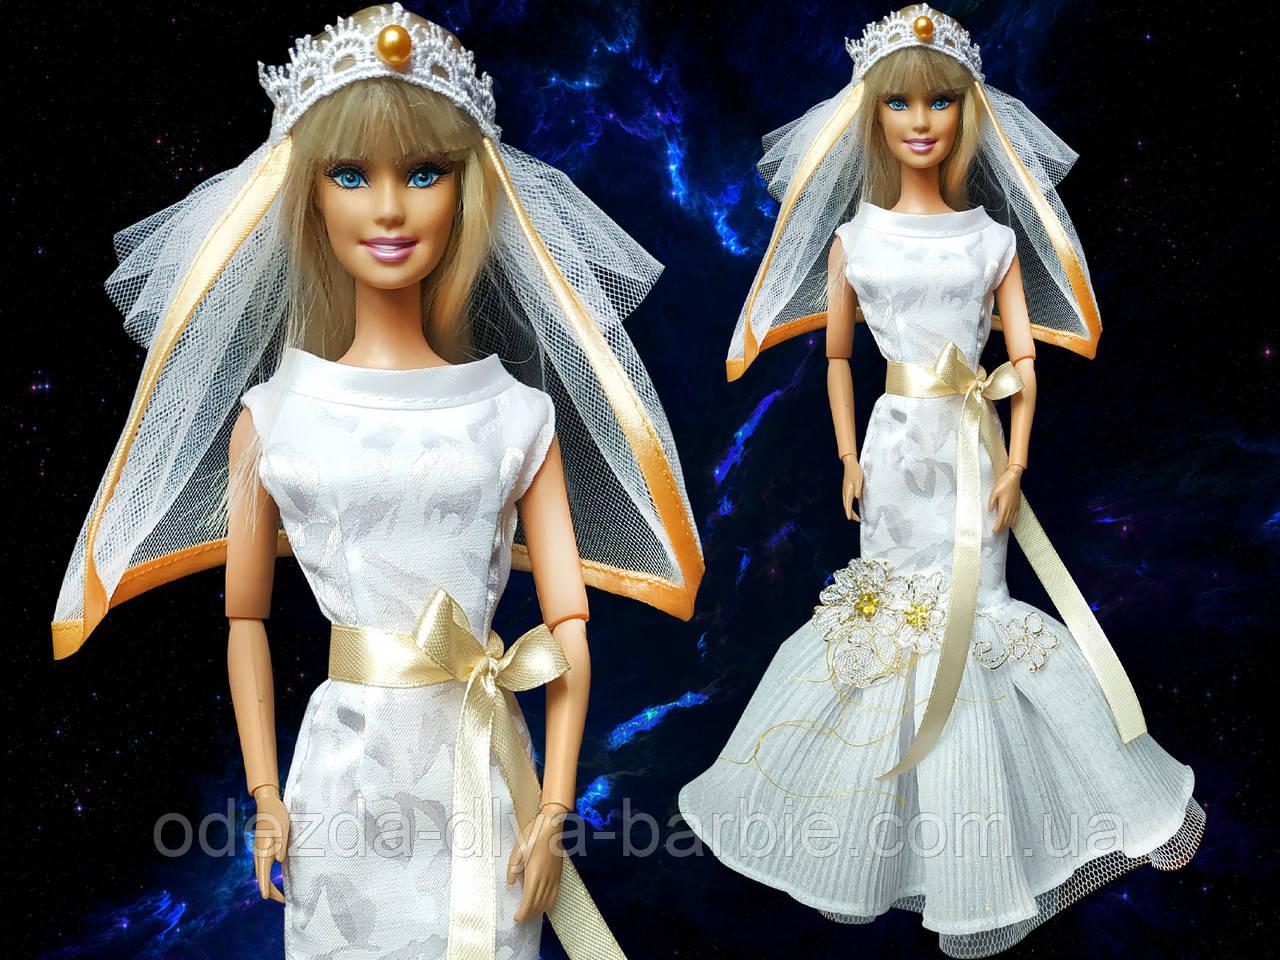 Одежда для кукол Барби - свадебный наряд